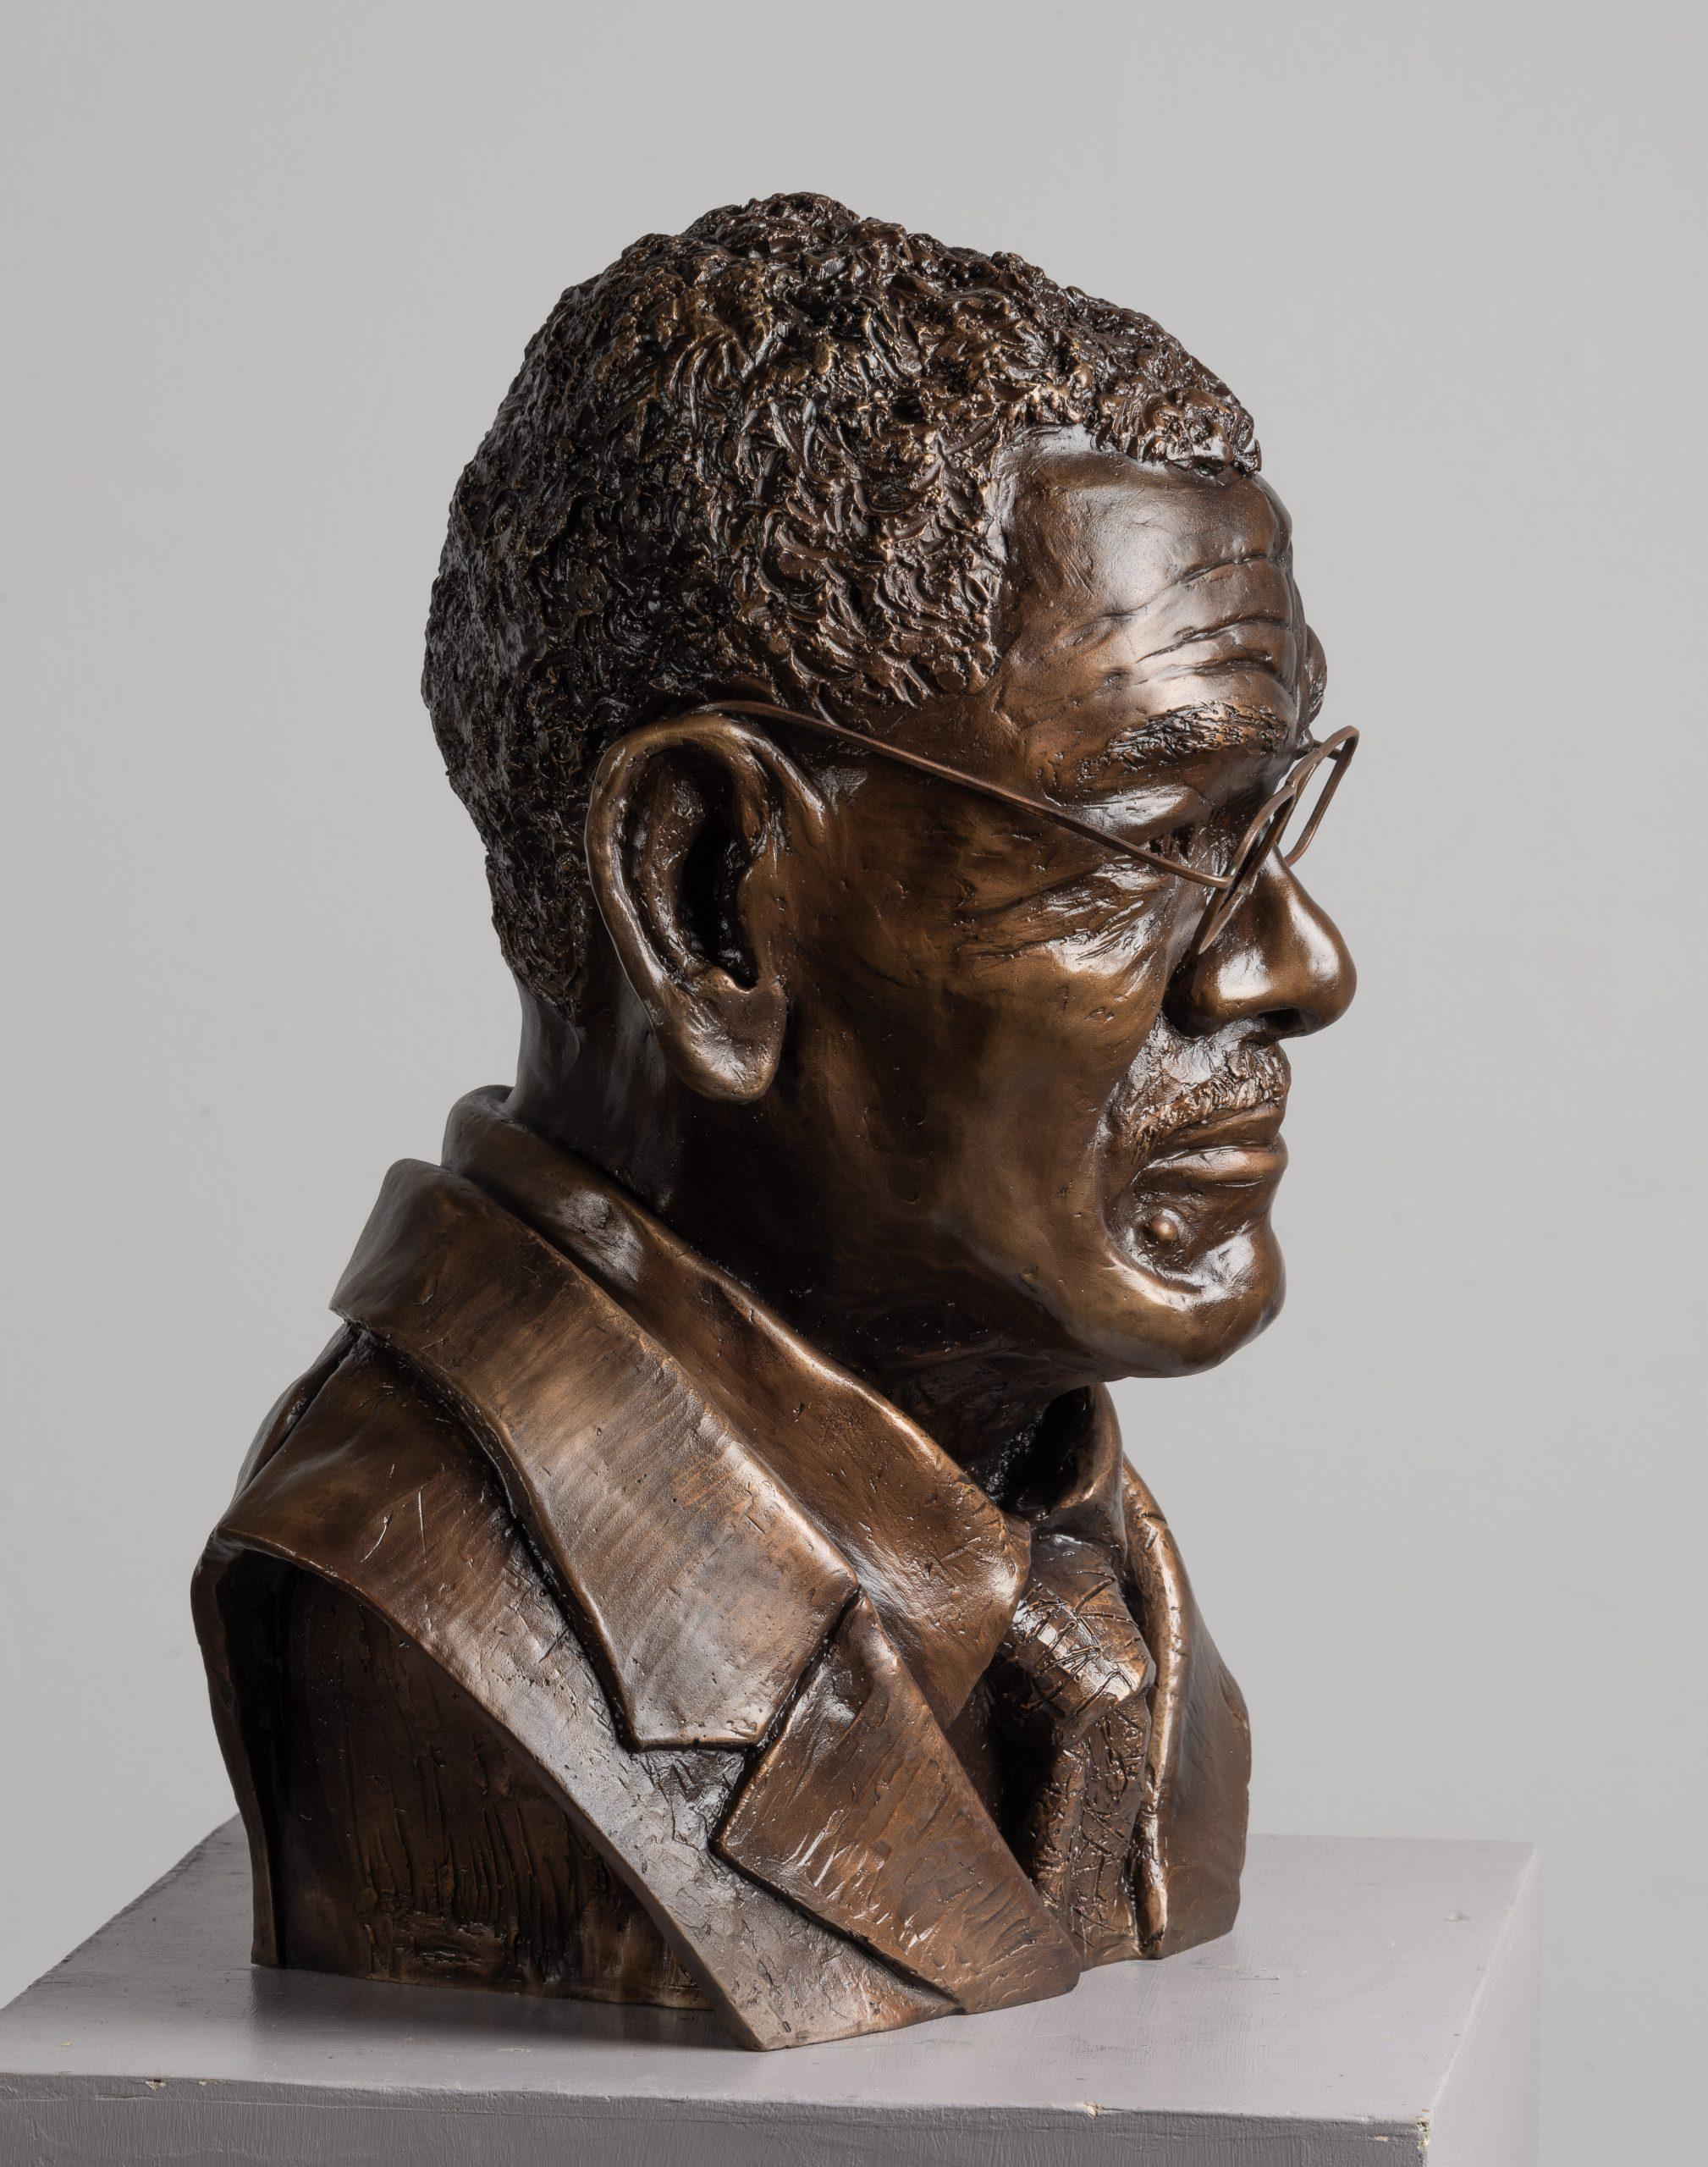 Hon. JP Cleophus Steele bust